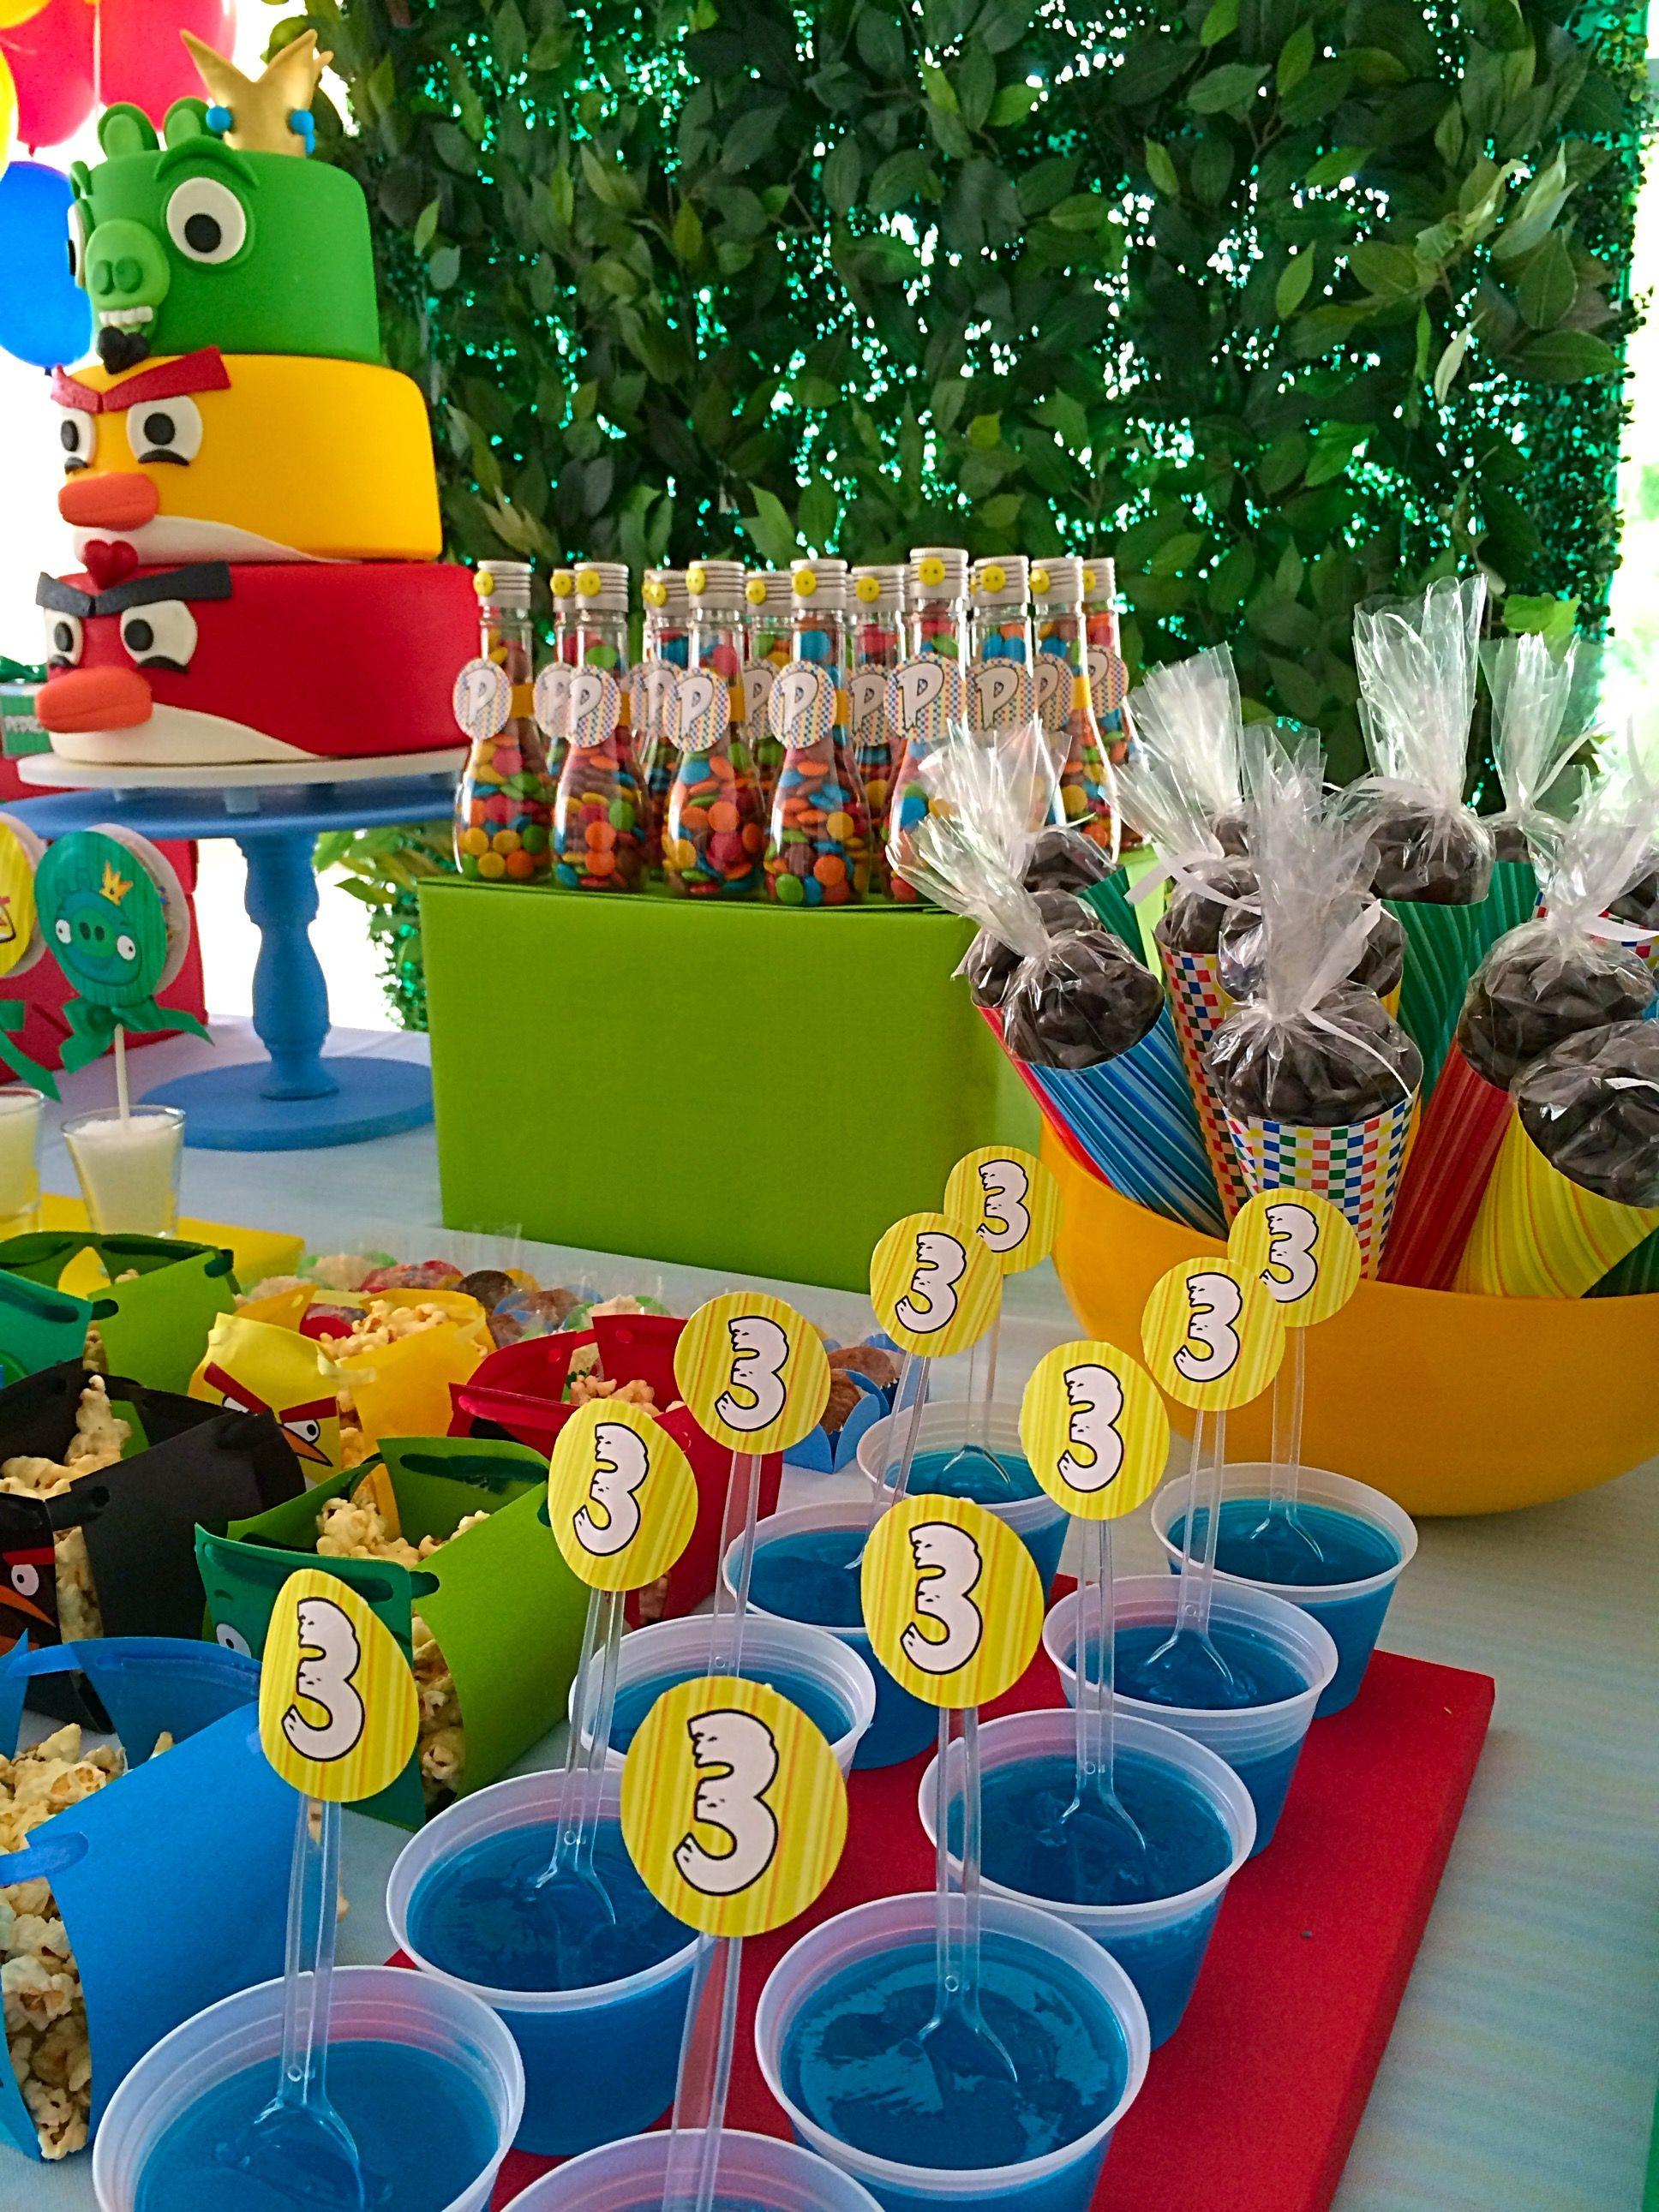 Gelatina mágica que não derrete! Na Tribo da Festa, é assim: bonito, delicia e com amor!  www.tribodafesta.com.br  #festainfantil #mesadecorada #angrybirds